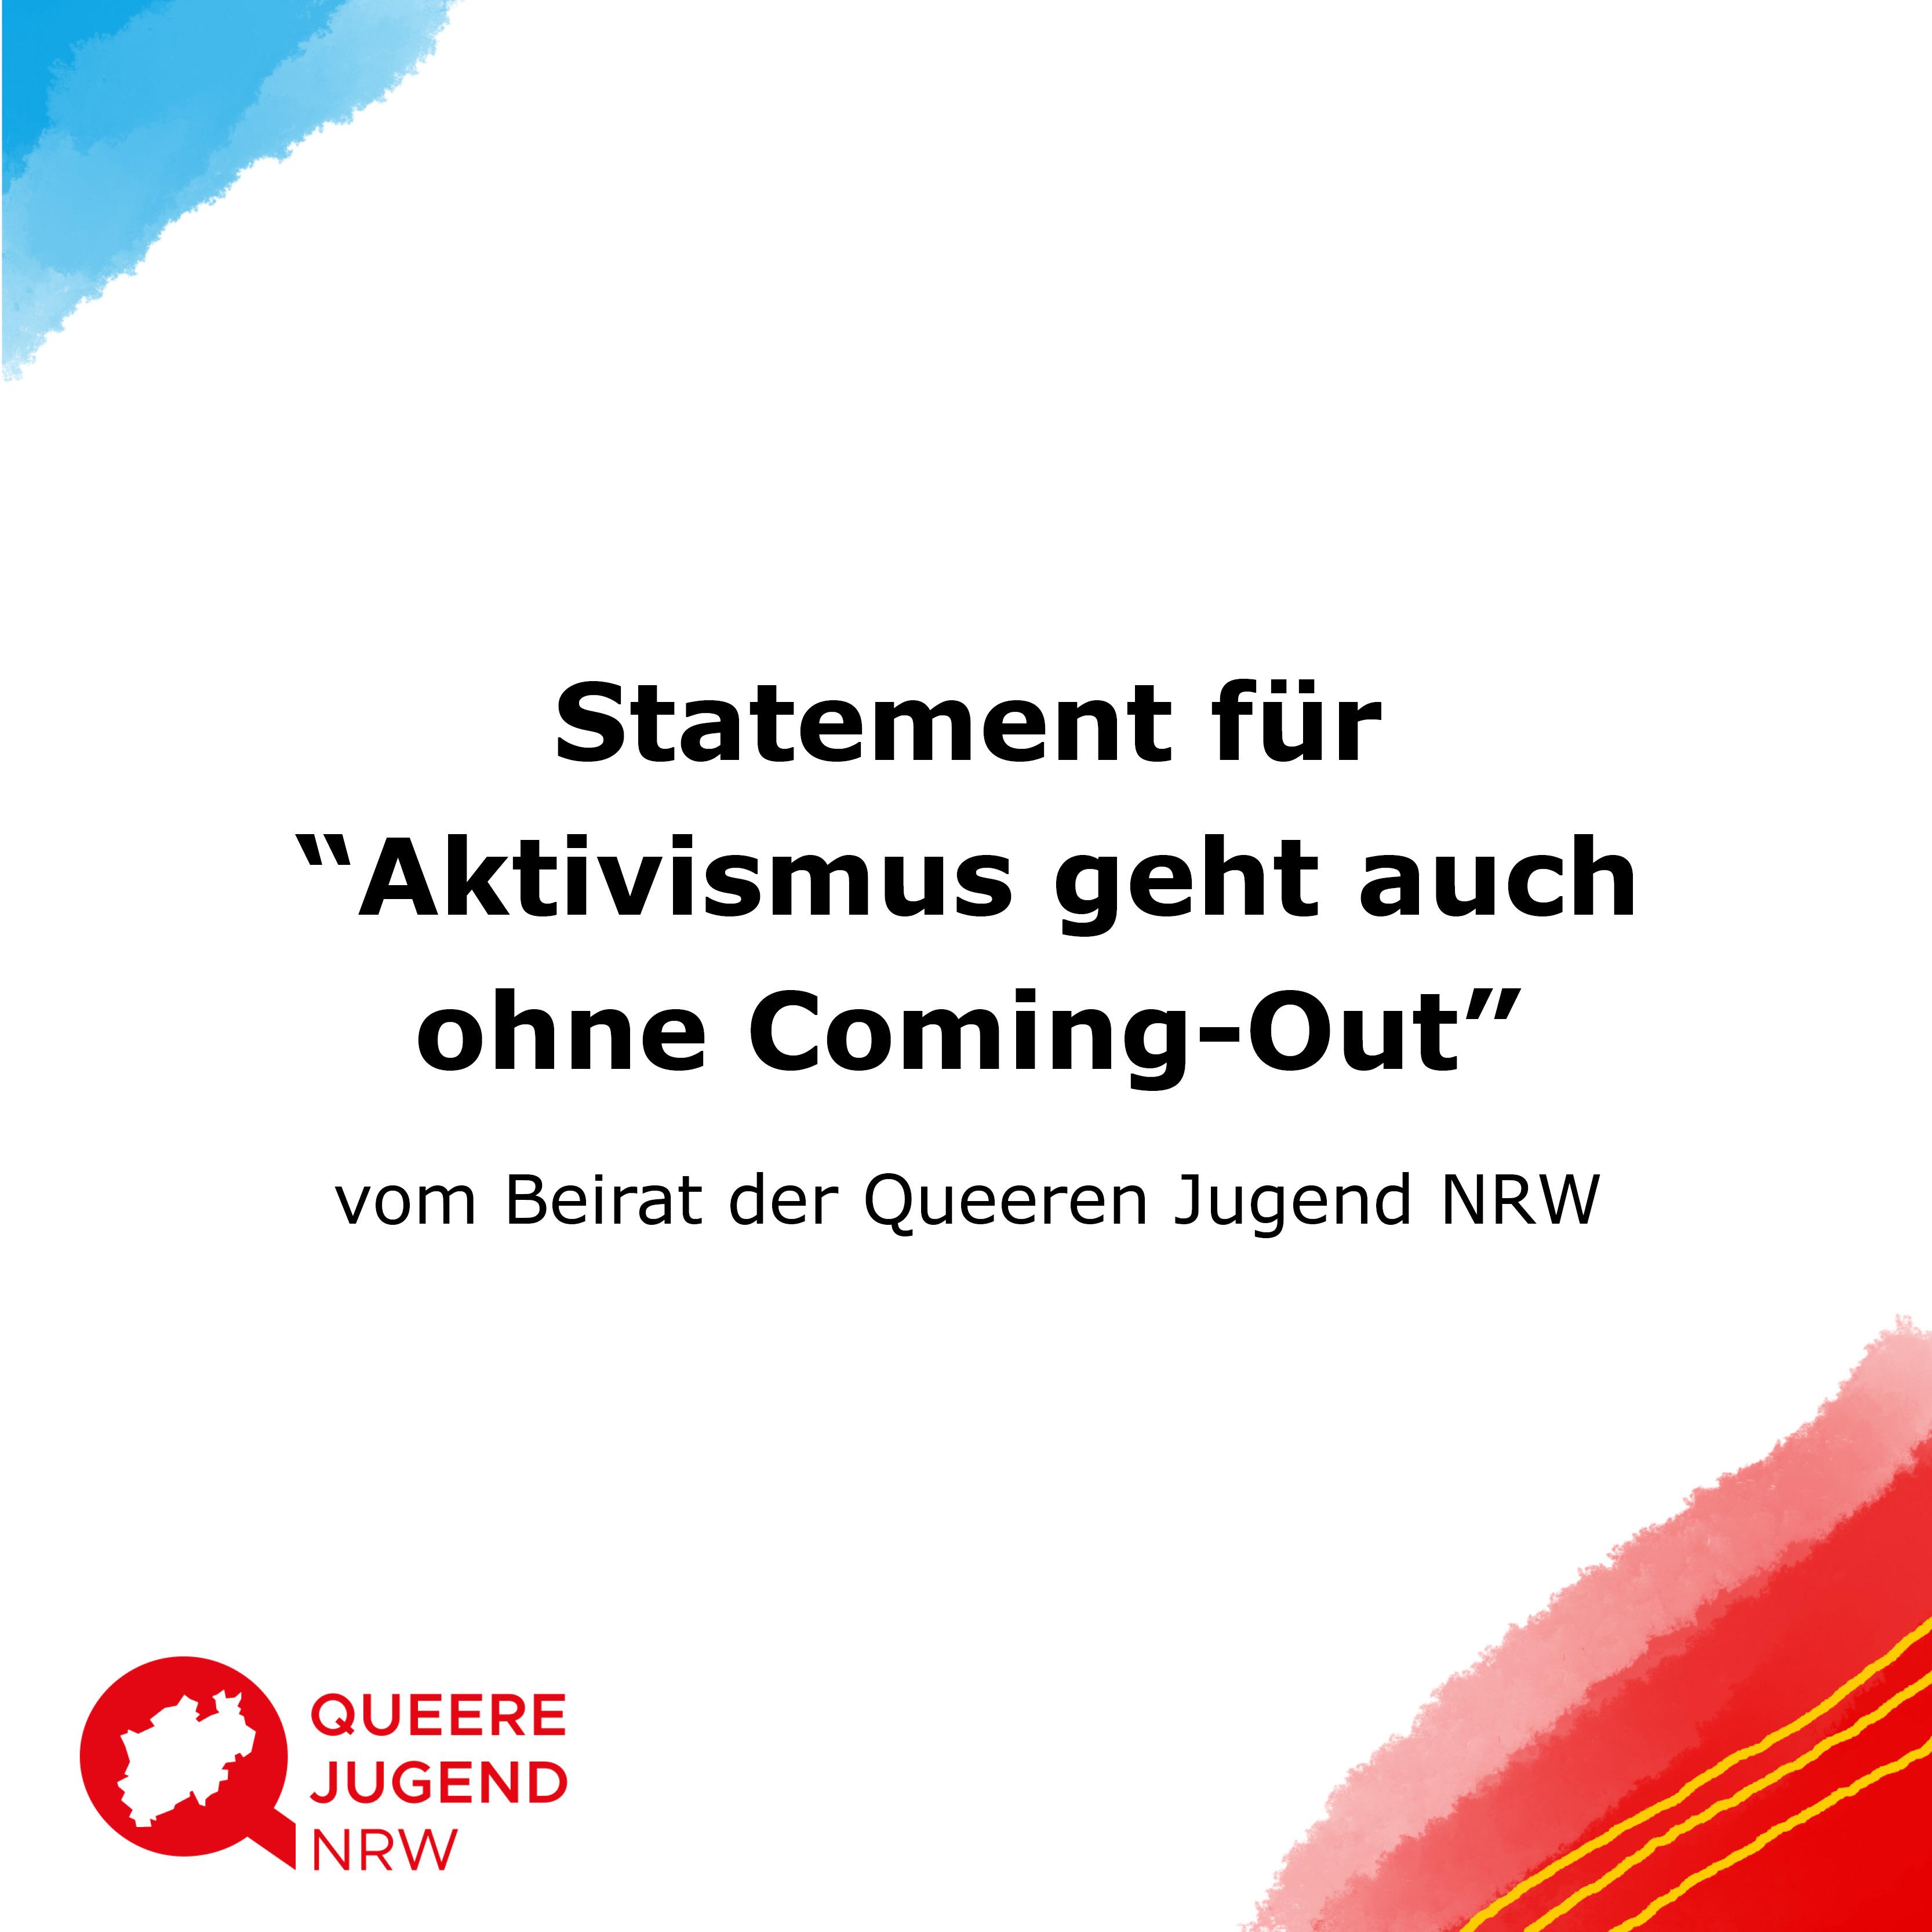 """Das Bild zeigt den Titel Statement für """"Aktivismus geht auch ohne Coming-out"""" vom Beirat der Queeren Jugend NRW und das Logo des Jugendnetzwerks."""